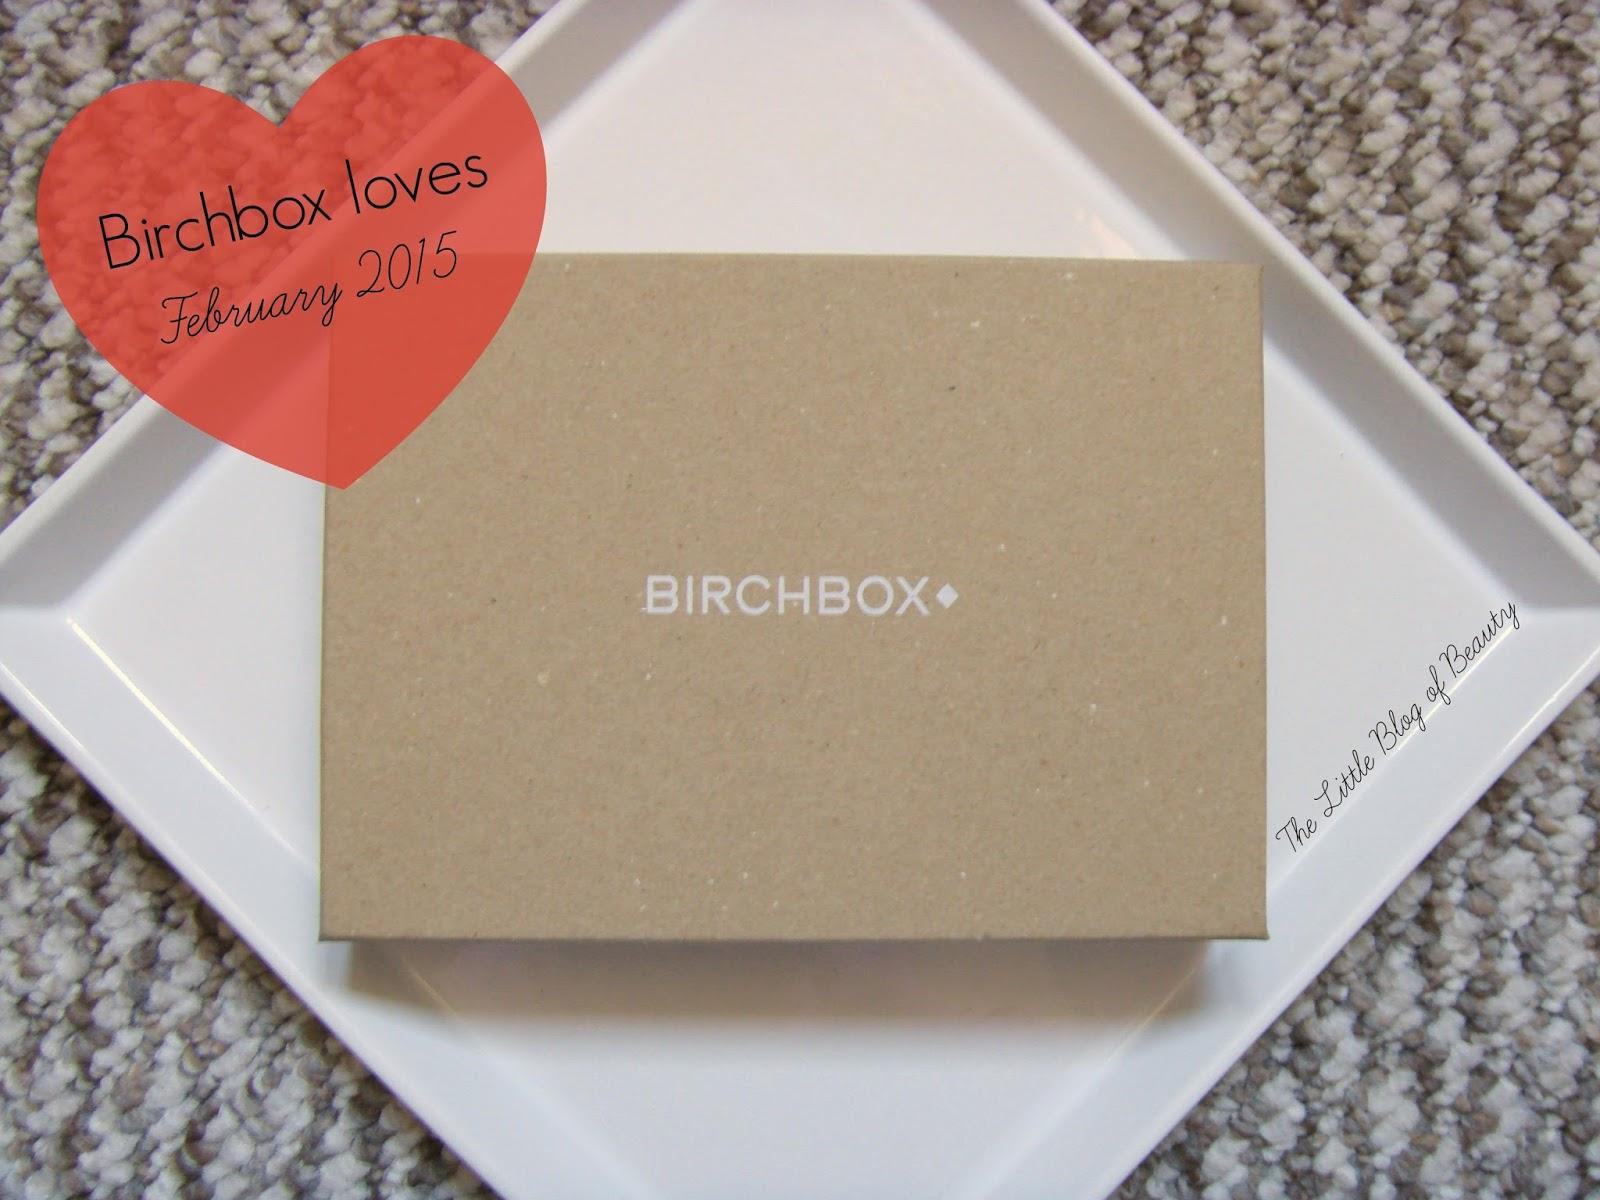 Birchbox Loves February 2015